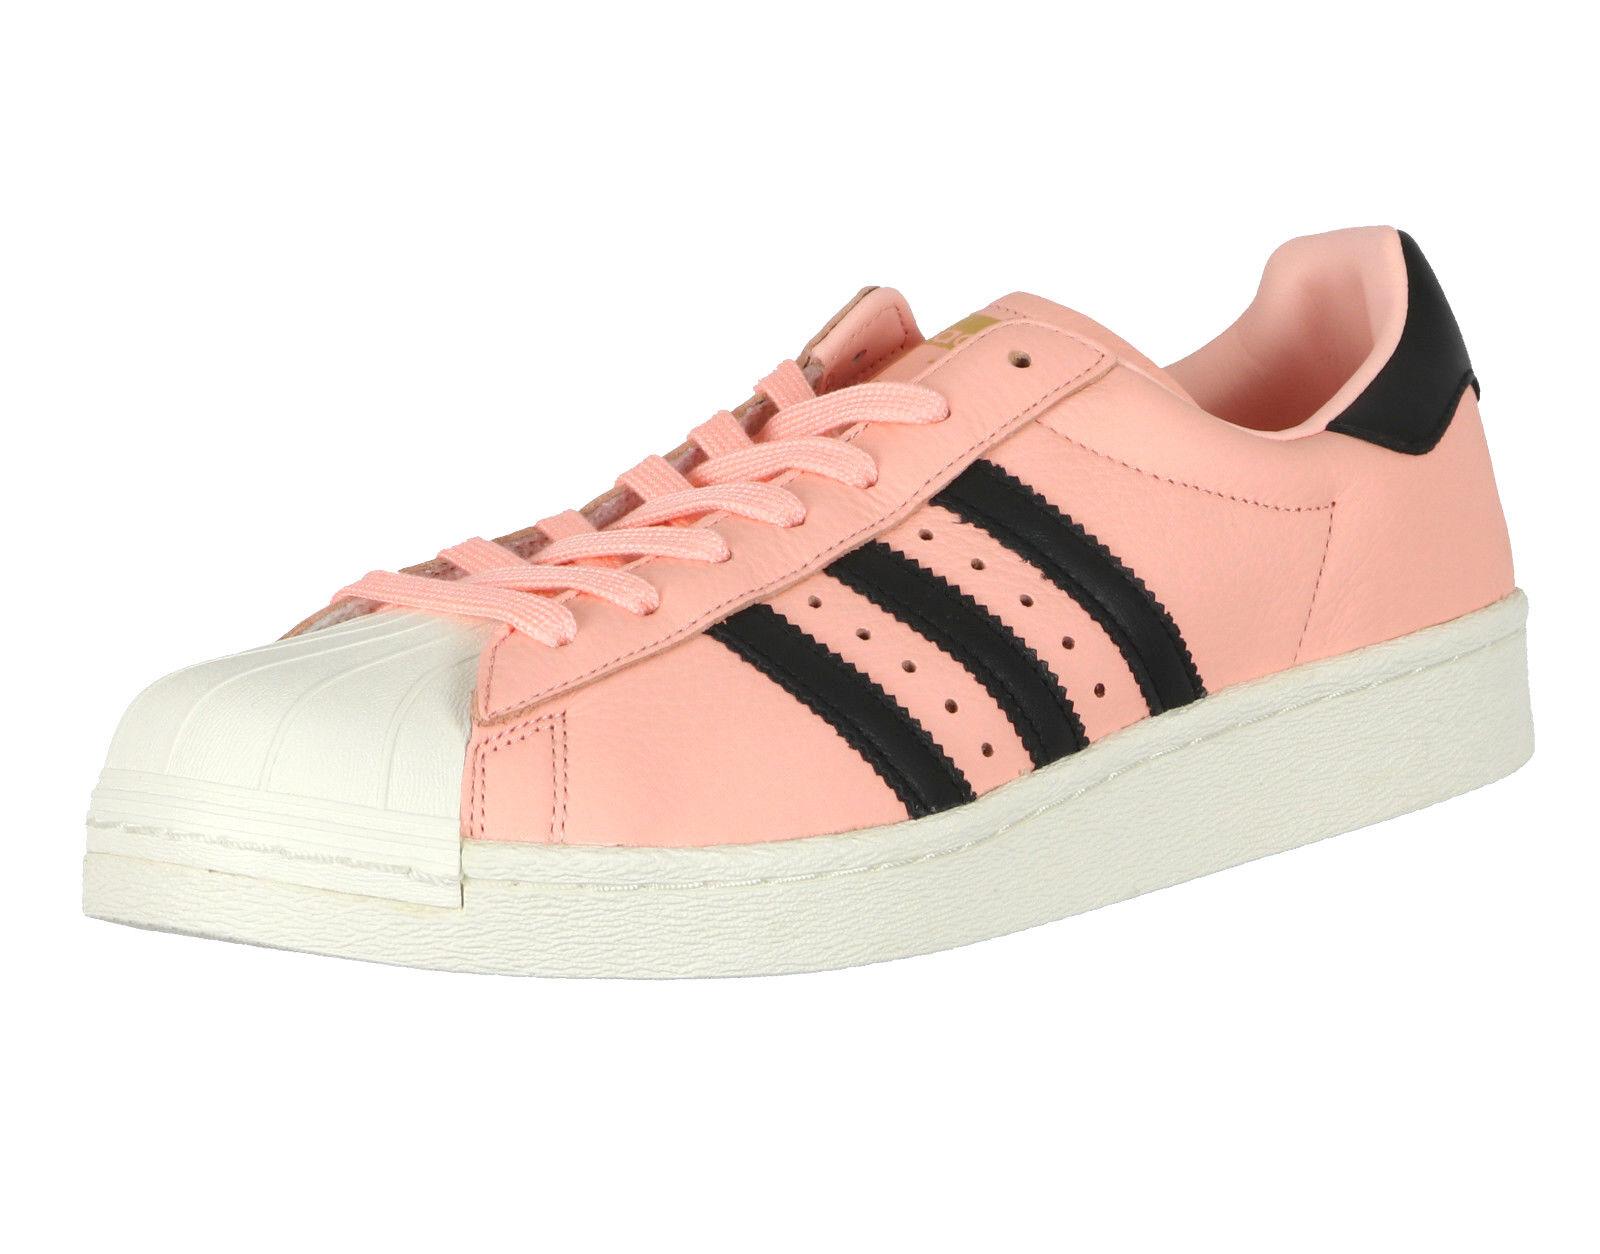 Adidas Superstar Boost sz 11.5 Y CORAL Avellana ROSA BLANCO Y 11.5 NEGRO shelltoe 716770